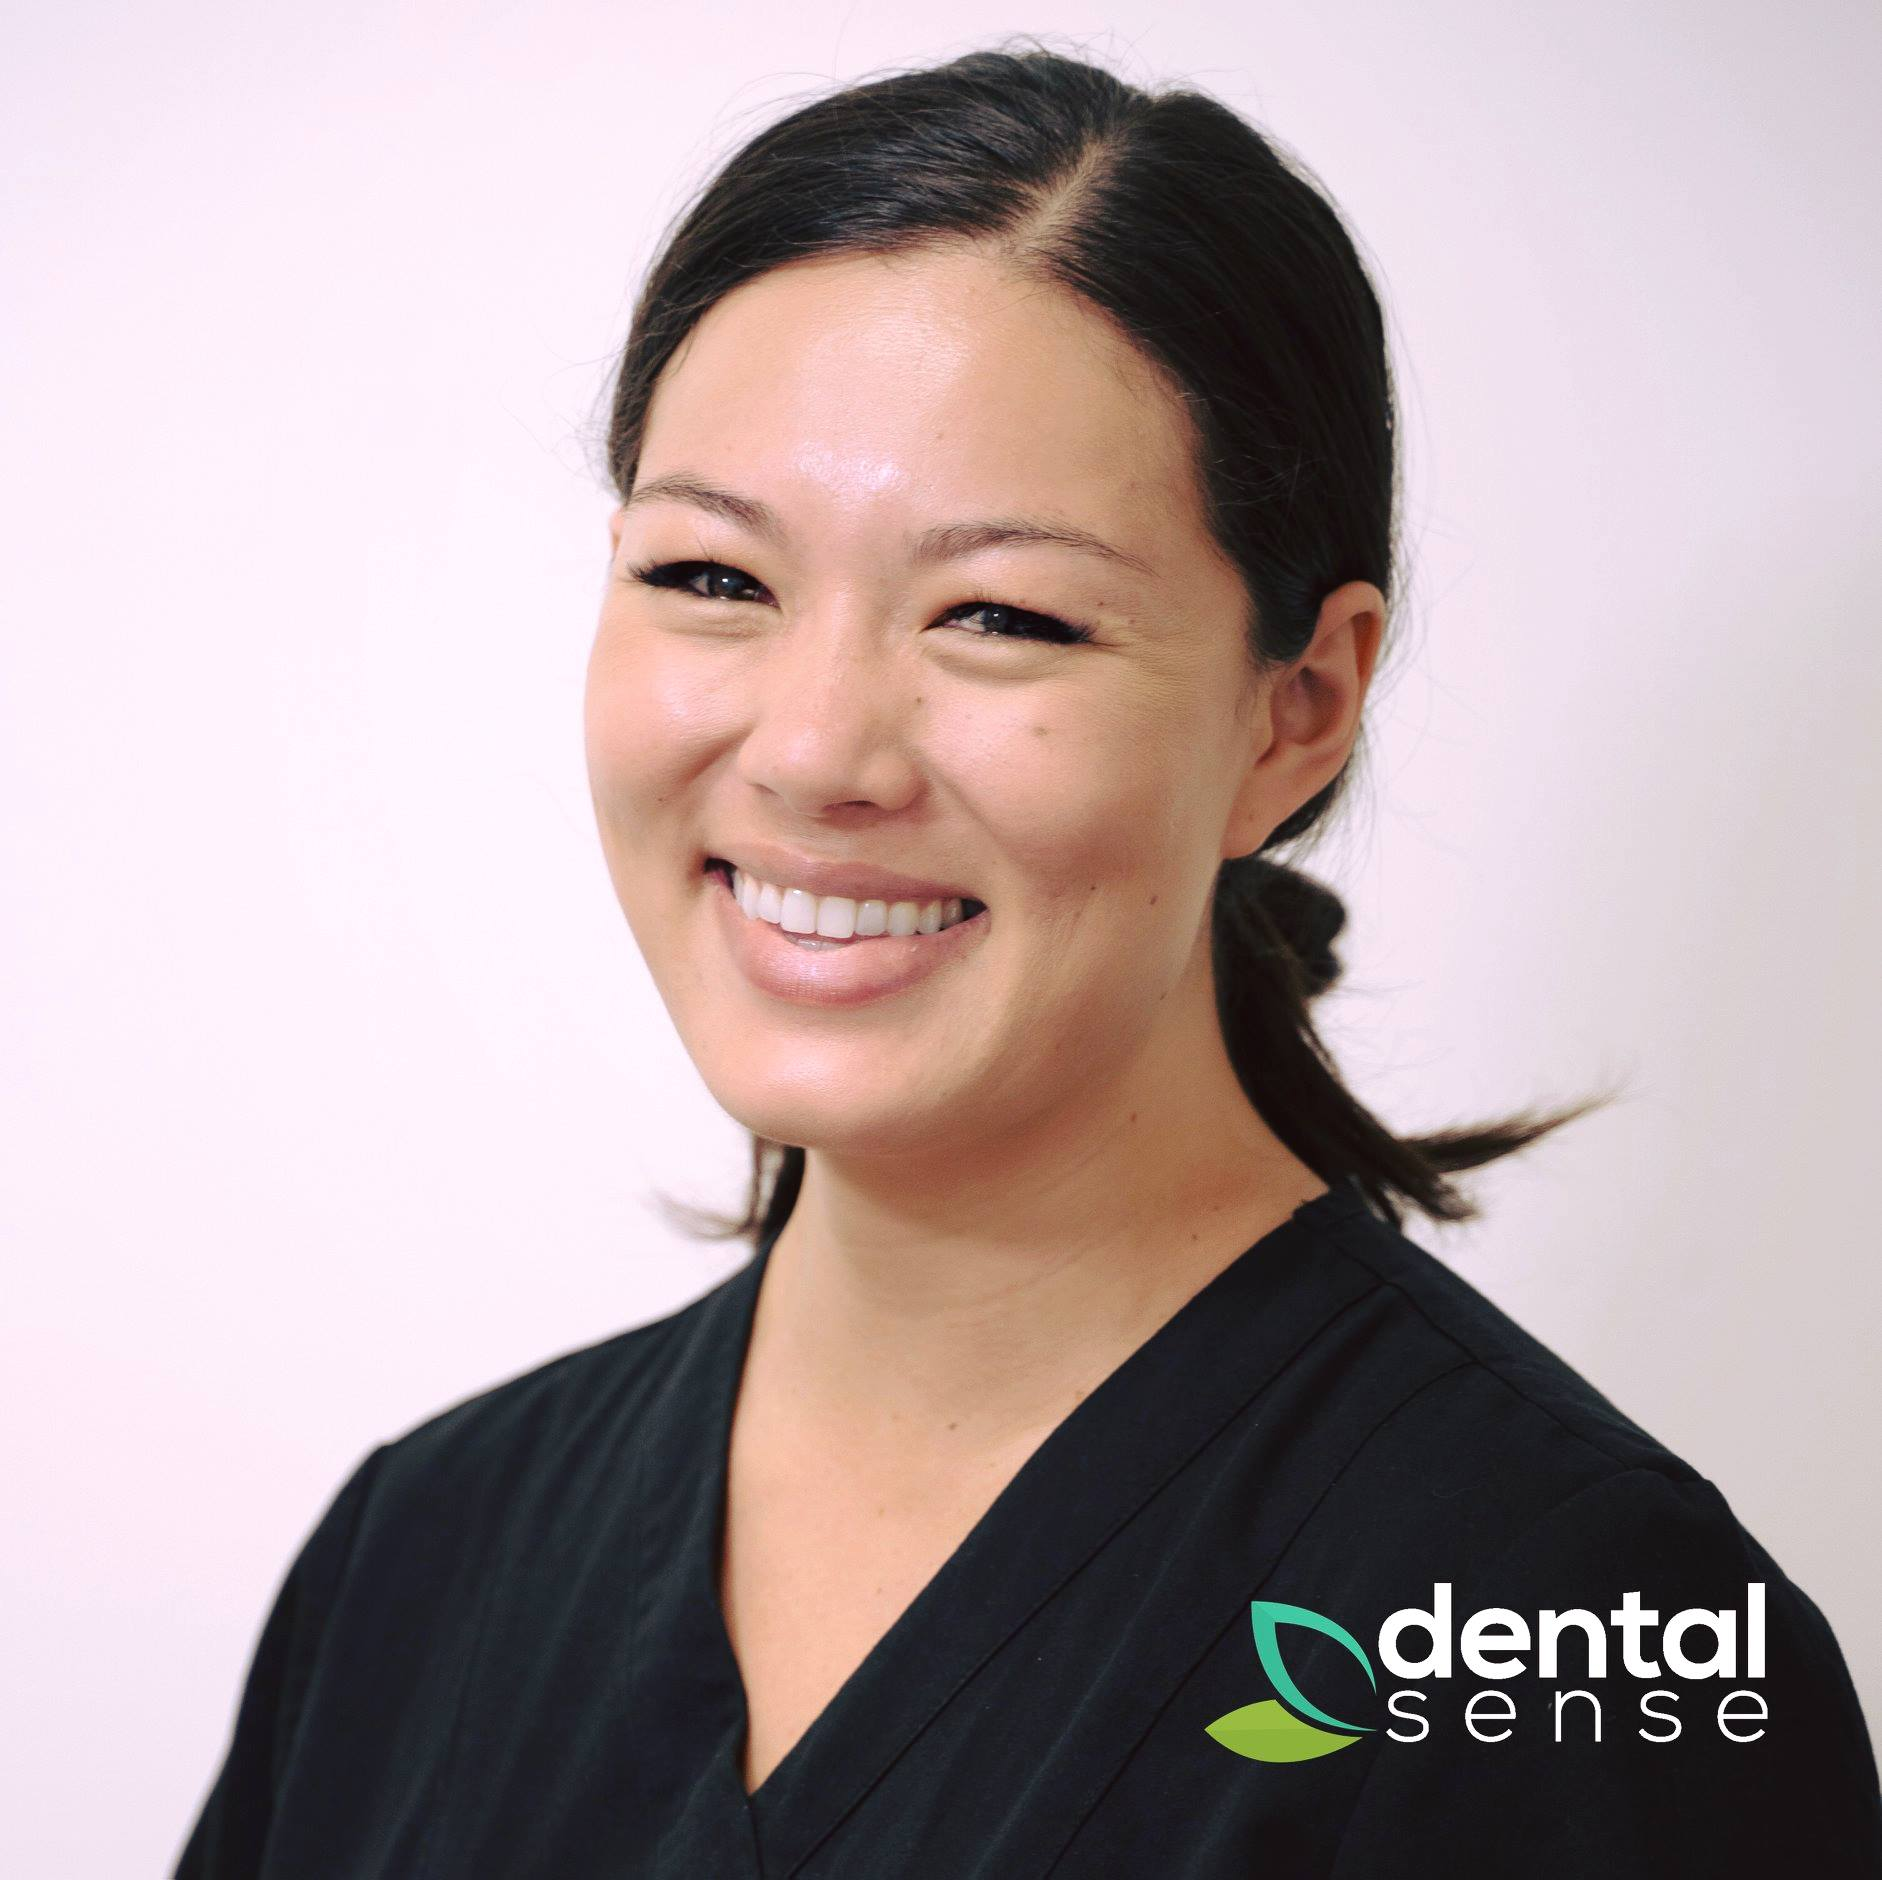 Dental Sense